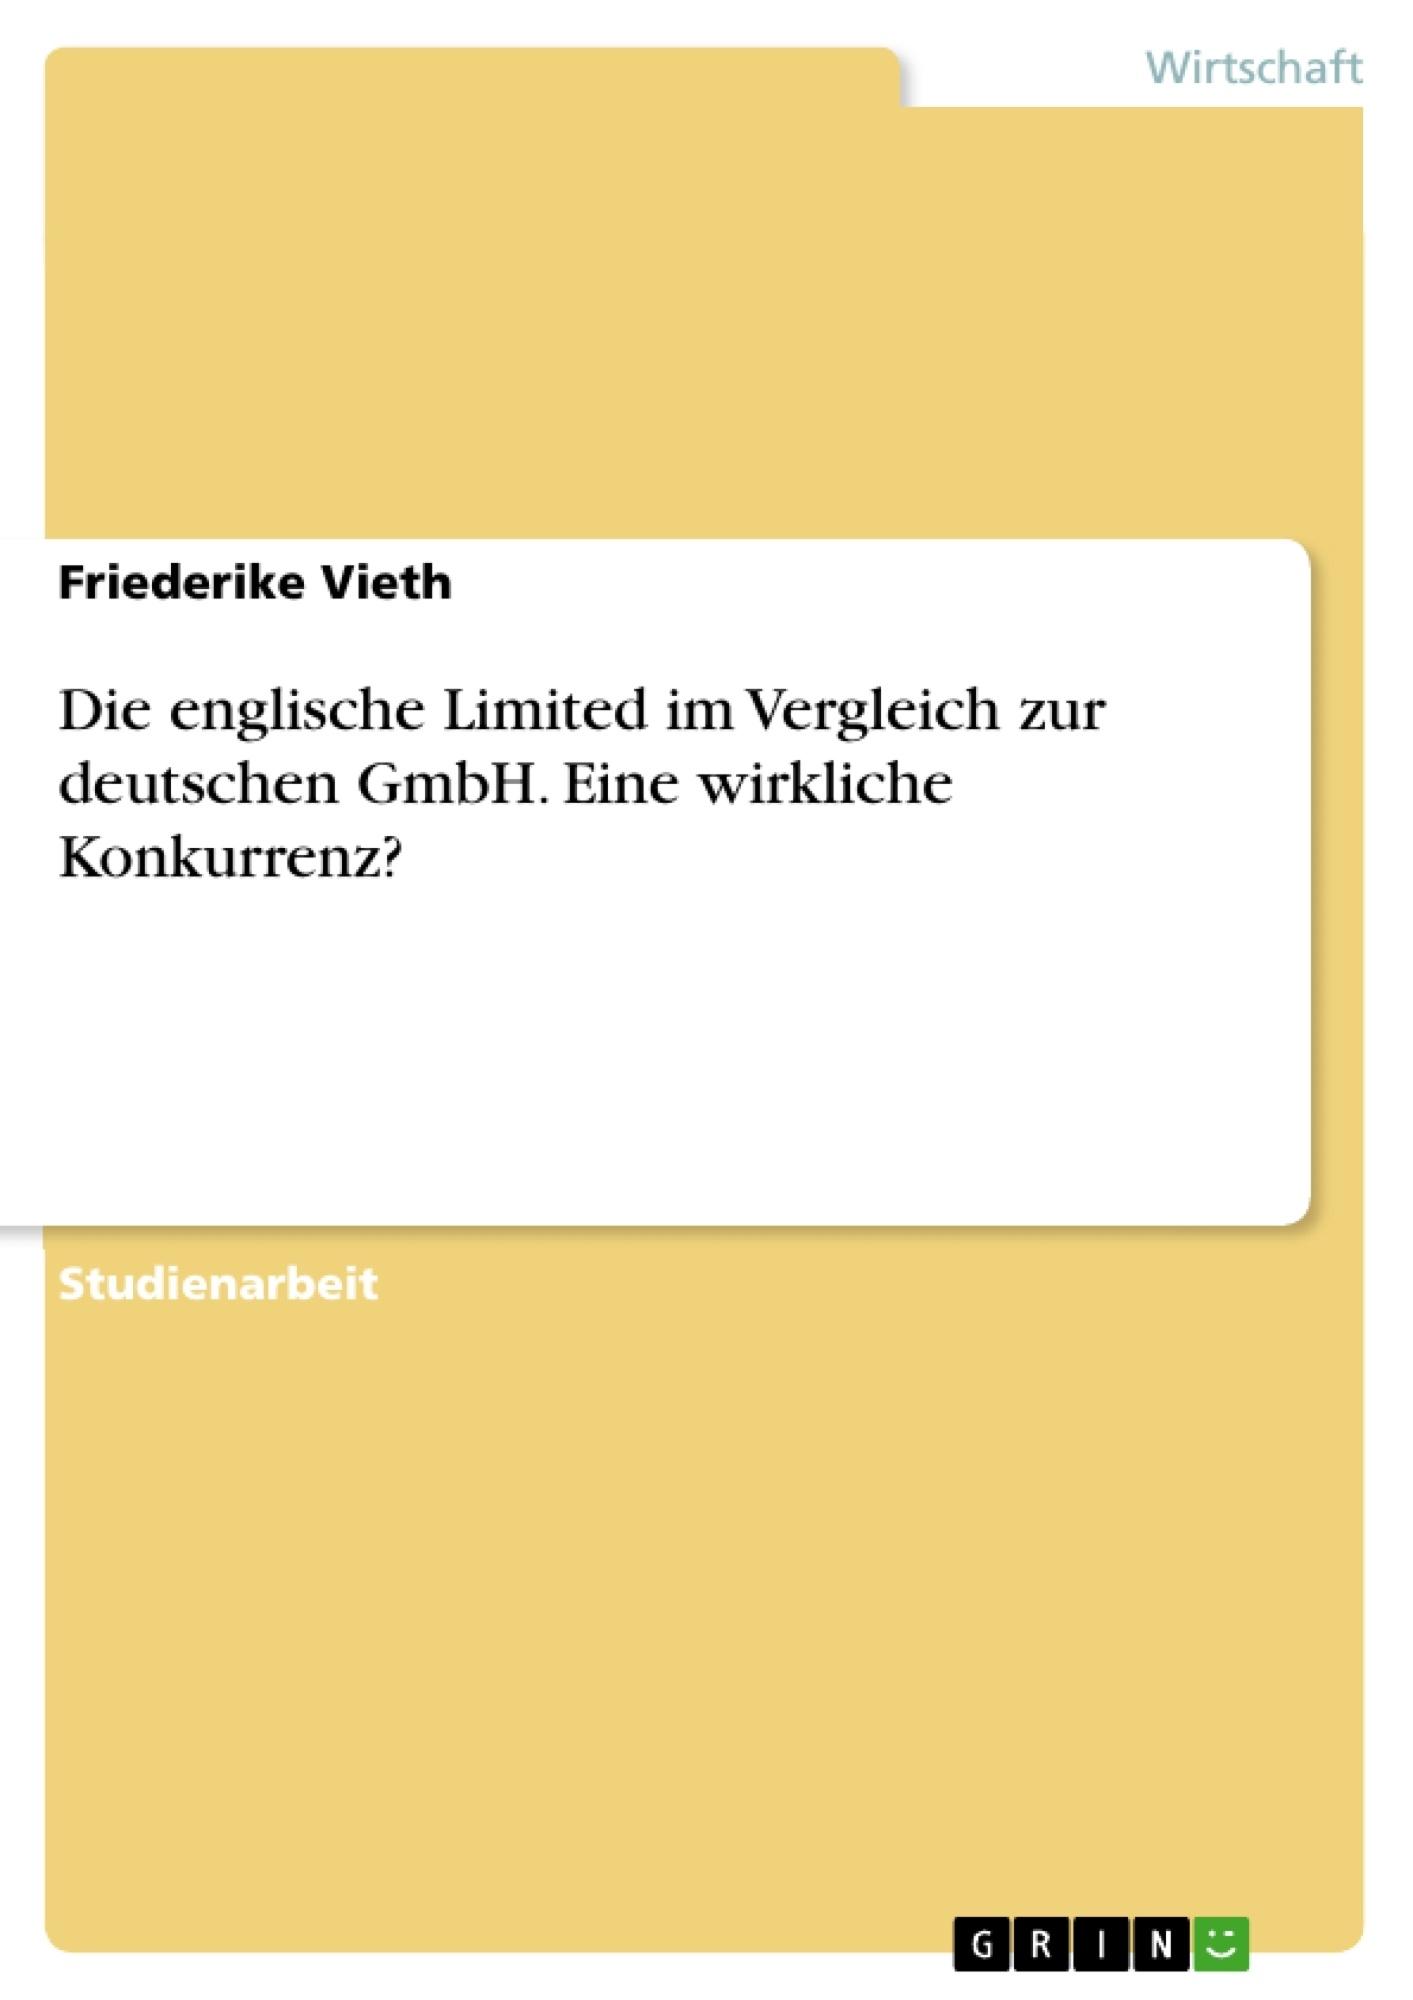 Titel: Die englische Limited im Vergleich zur deutschen GmbH. Eine wirkliche Konkurrenz?